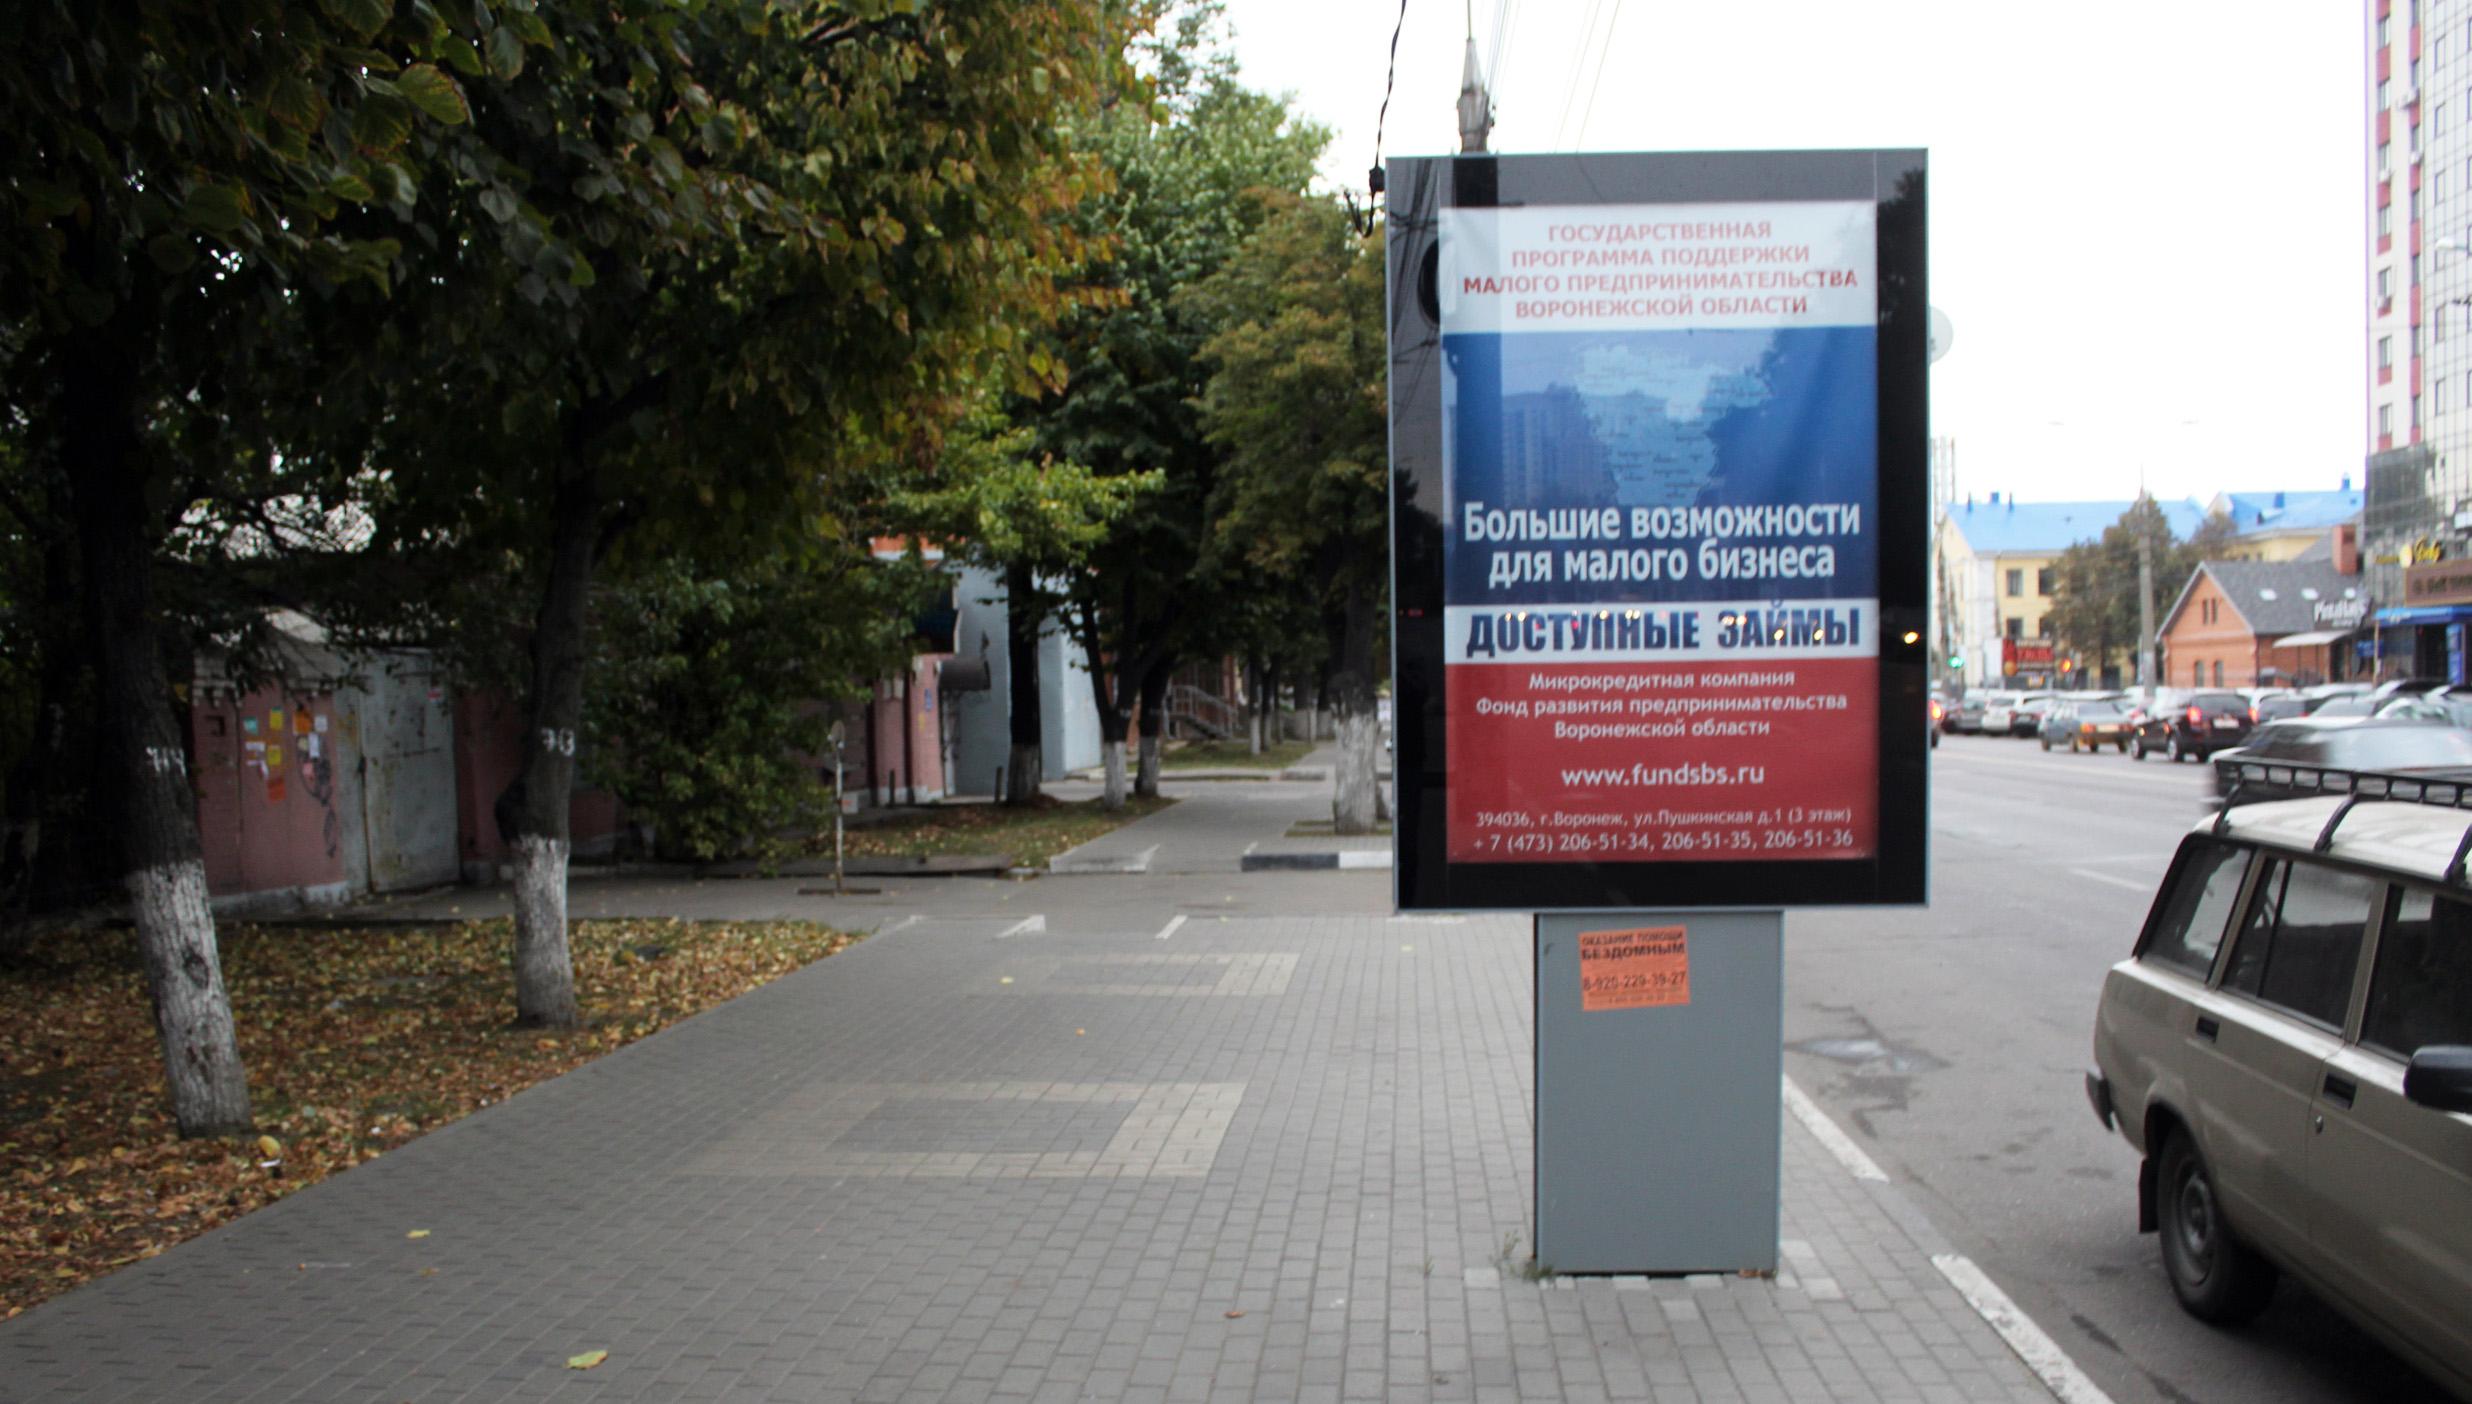 304В Ул. Кольцовская, д. 24 - 1 (2)